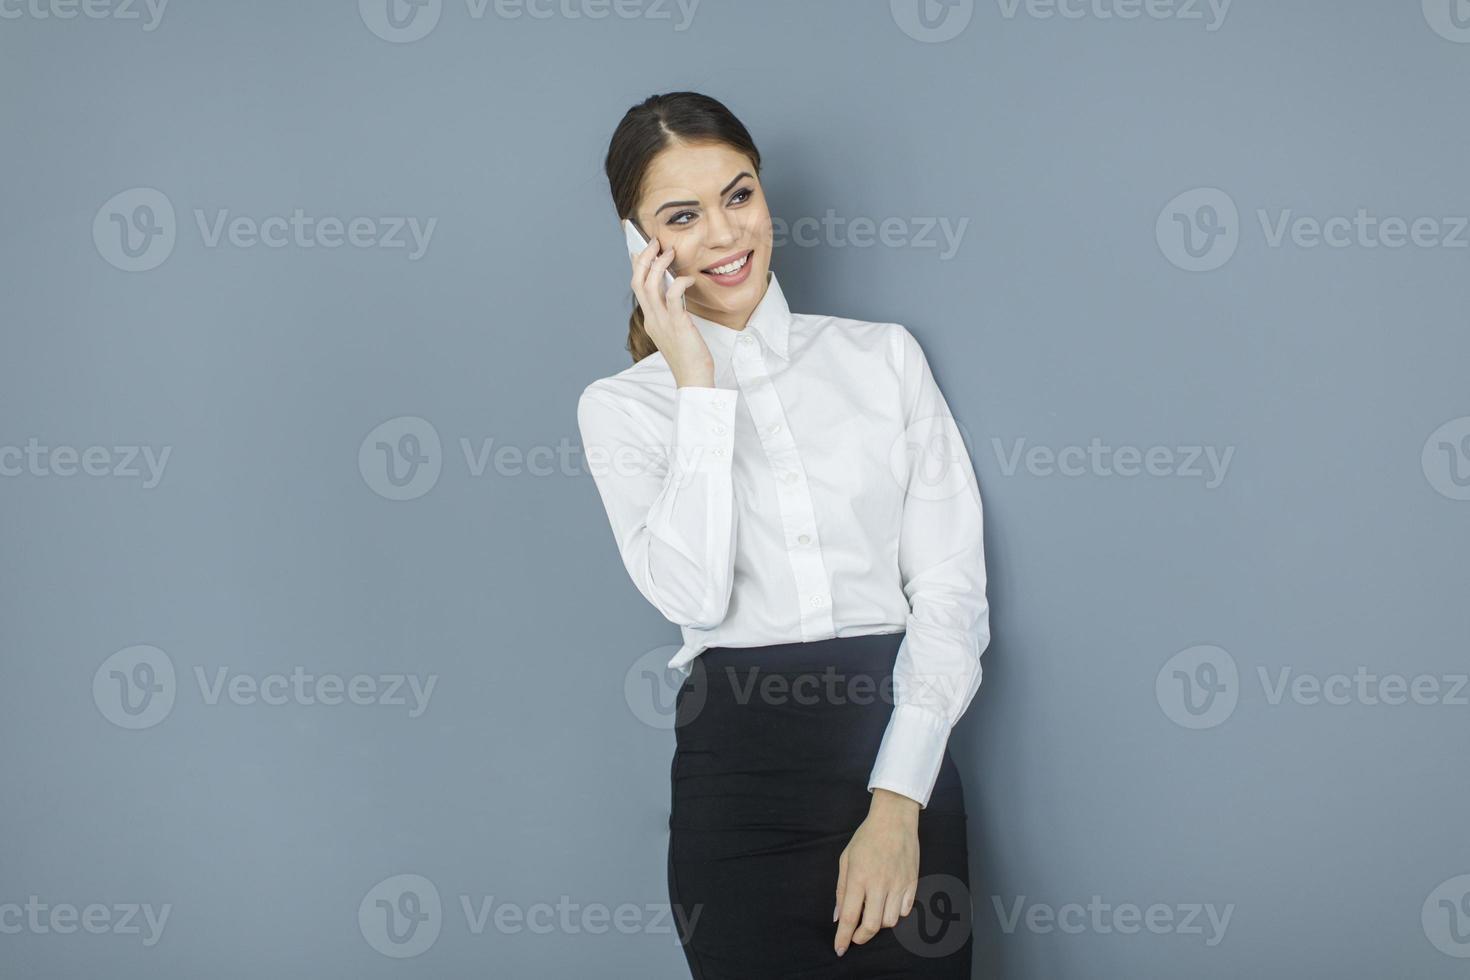 giovane donna vicino al muro foto